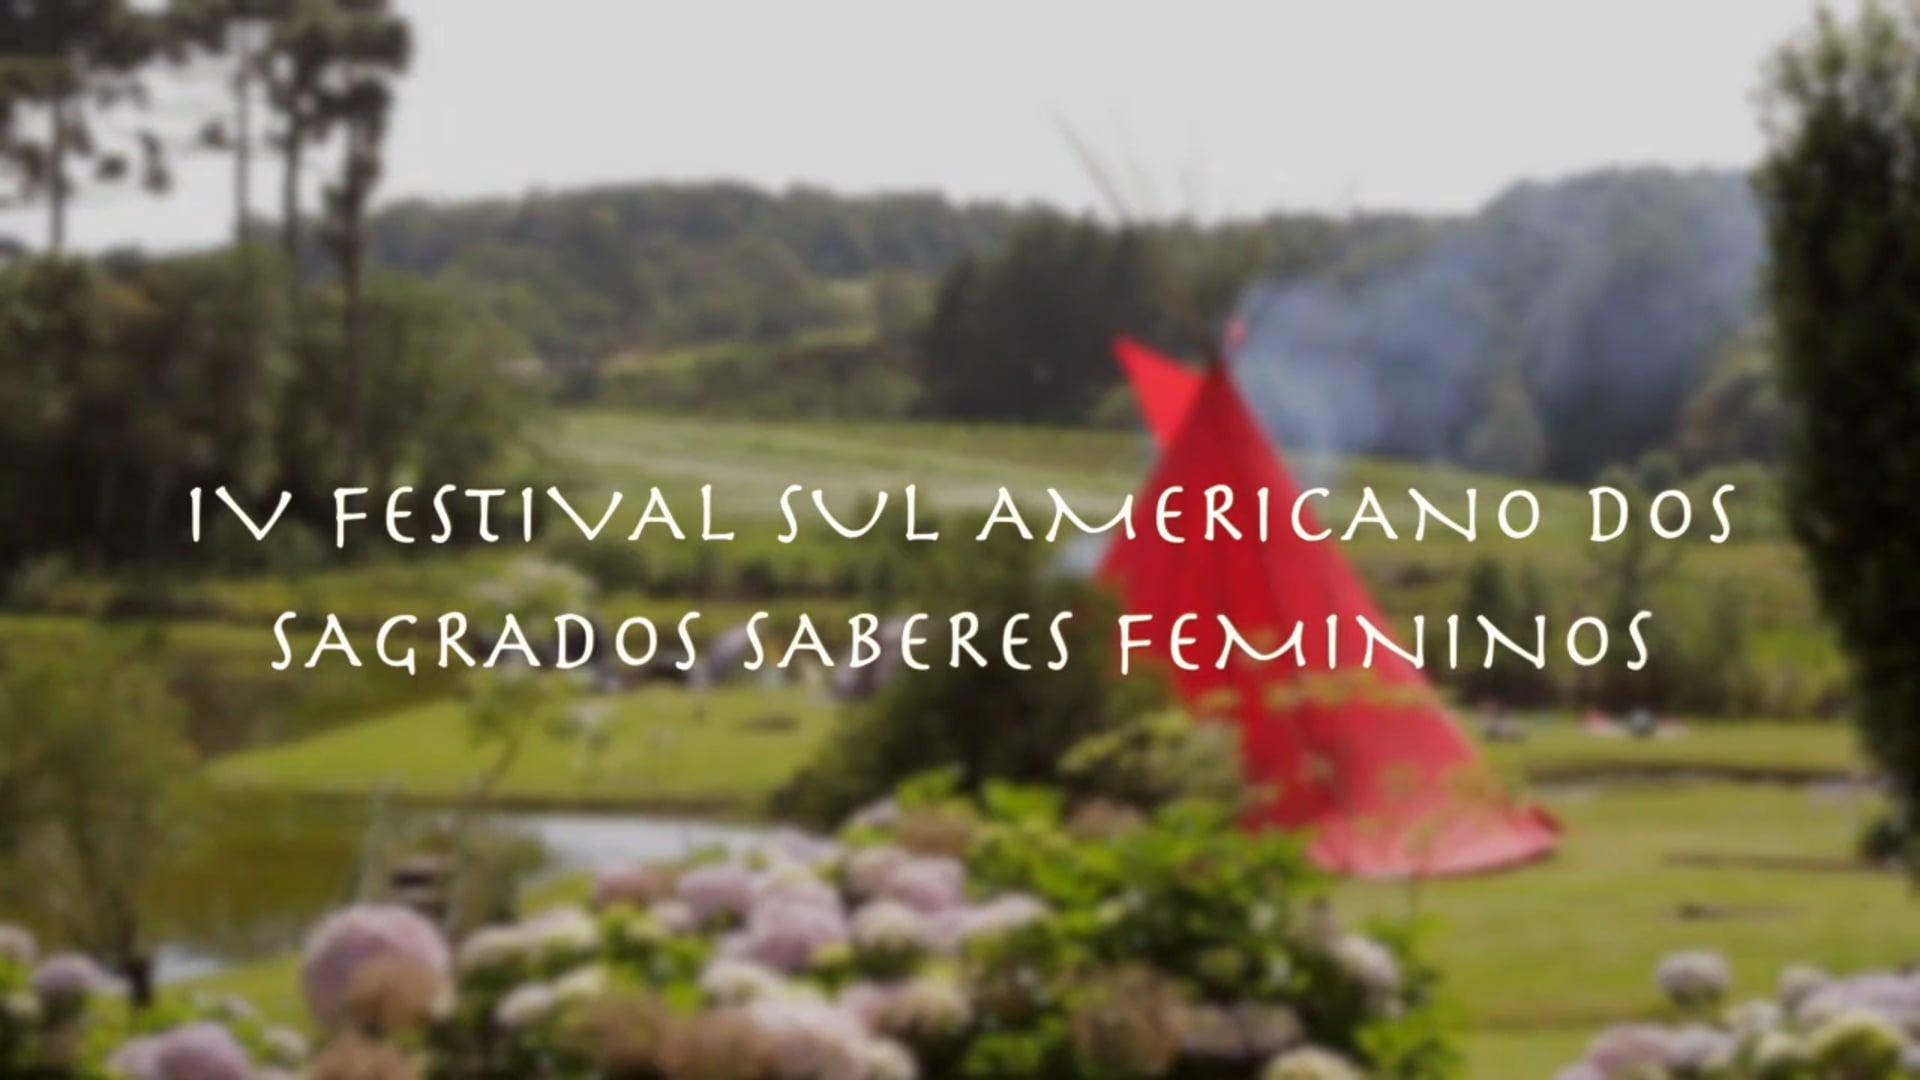 IV Festival Sagrados Saberes Femininos (filme completo)